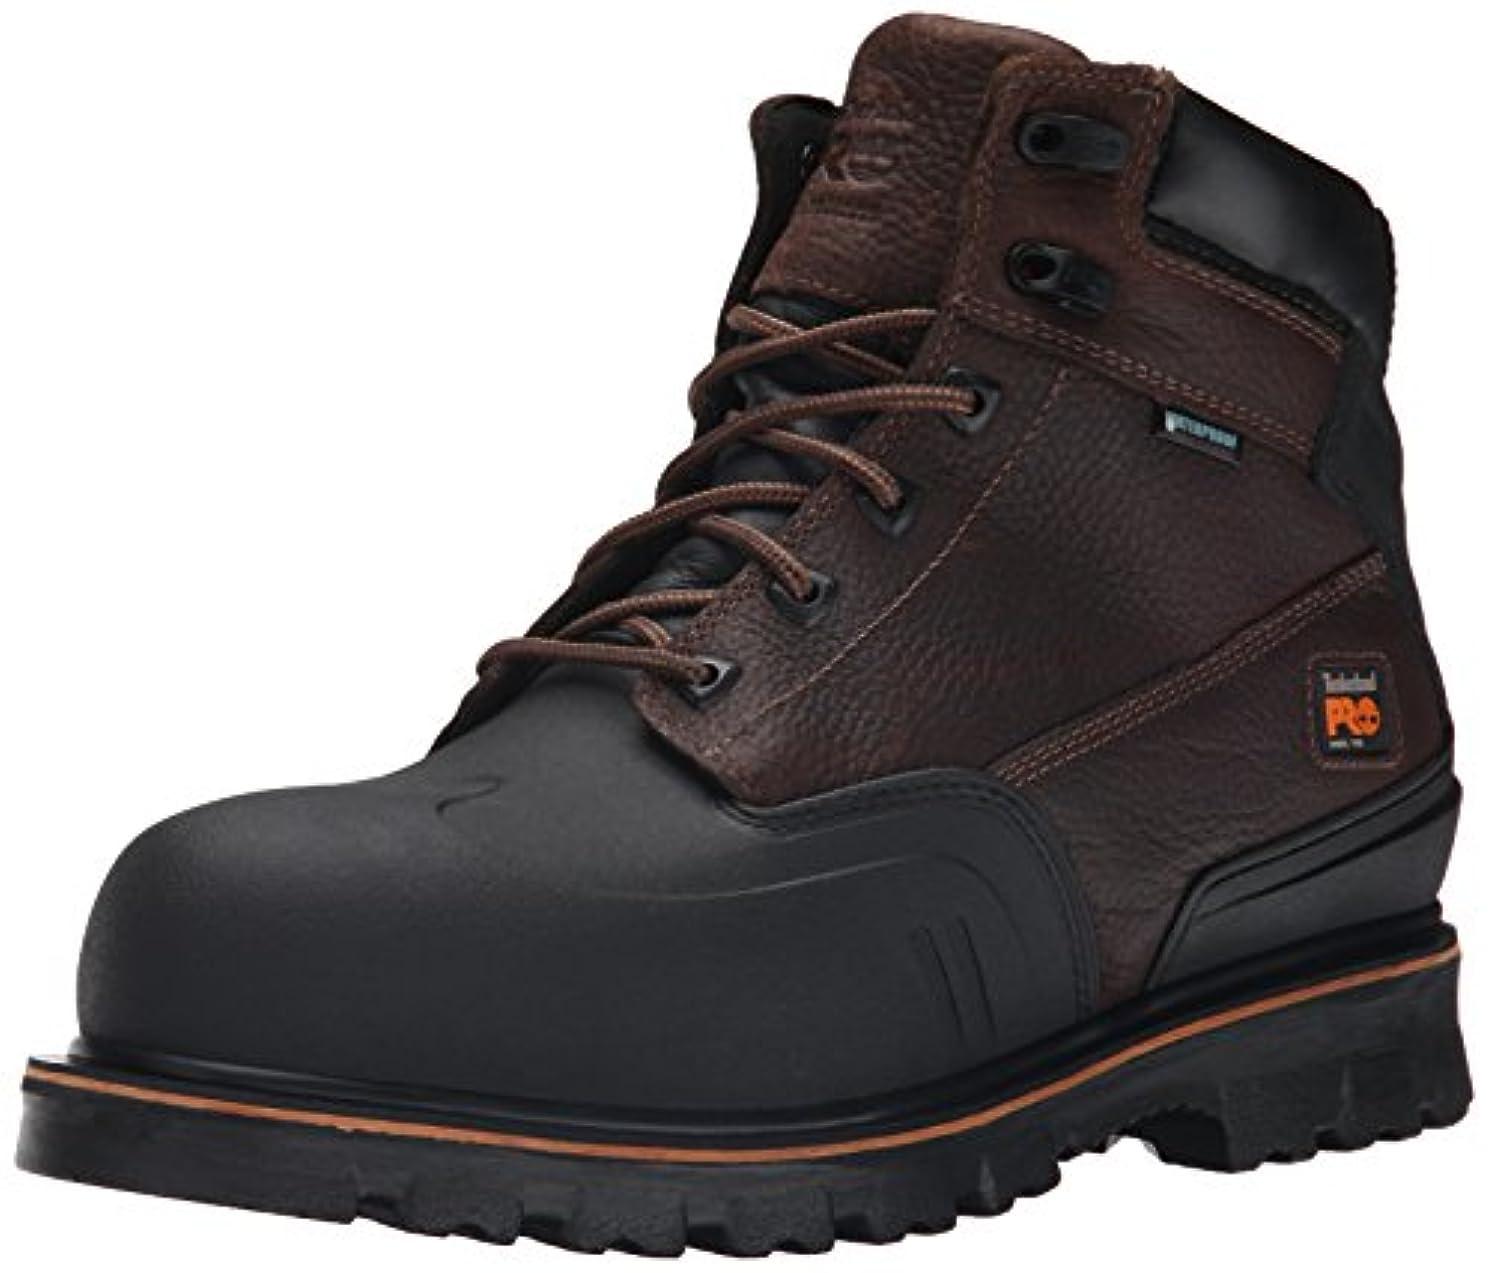 落ち着いた気配りのあるペレットTimberland PRO Men's 6 Inch Rigmaster XT Steel Toe Waterproof Work Boot, Brown Tumbled Leather, 9.5 W US